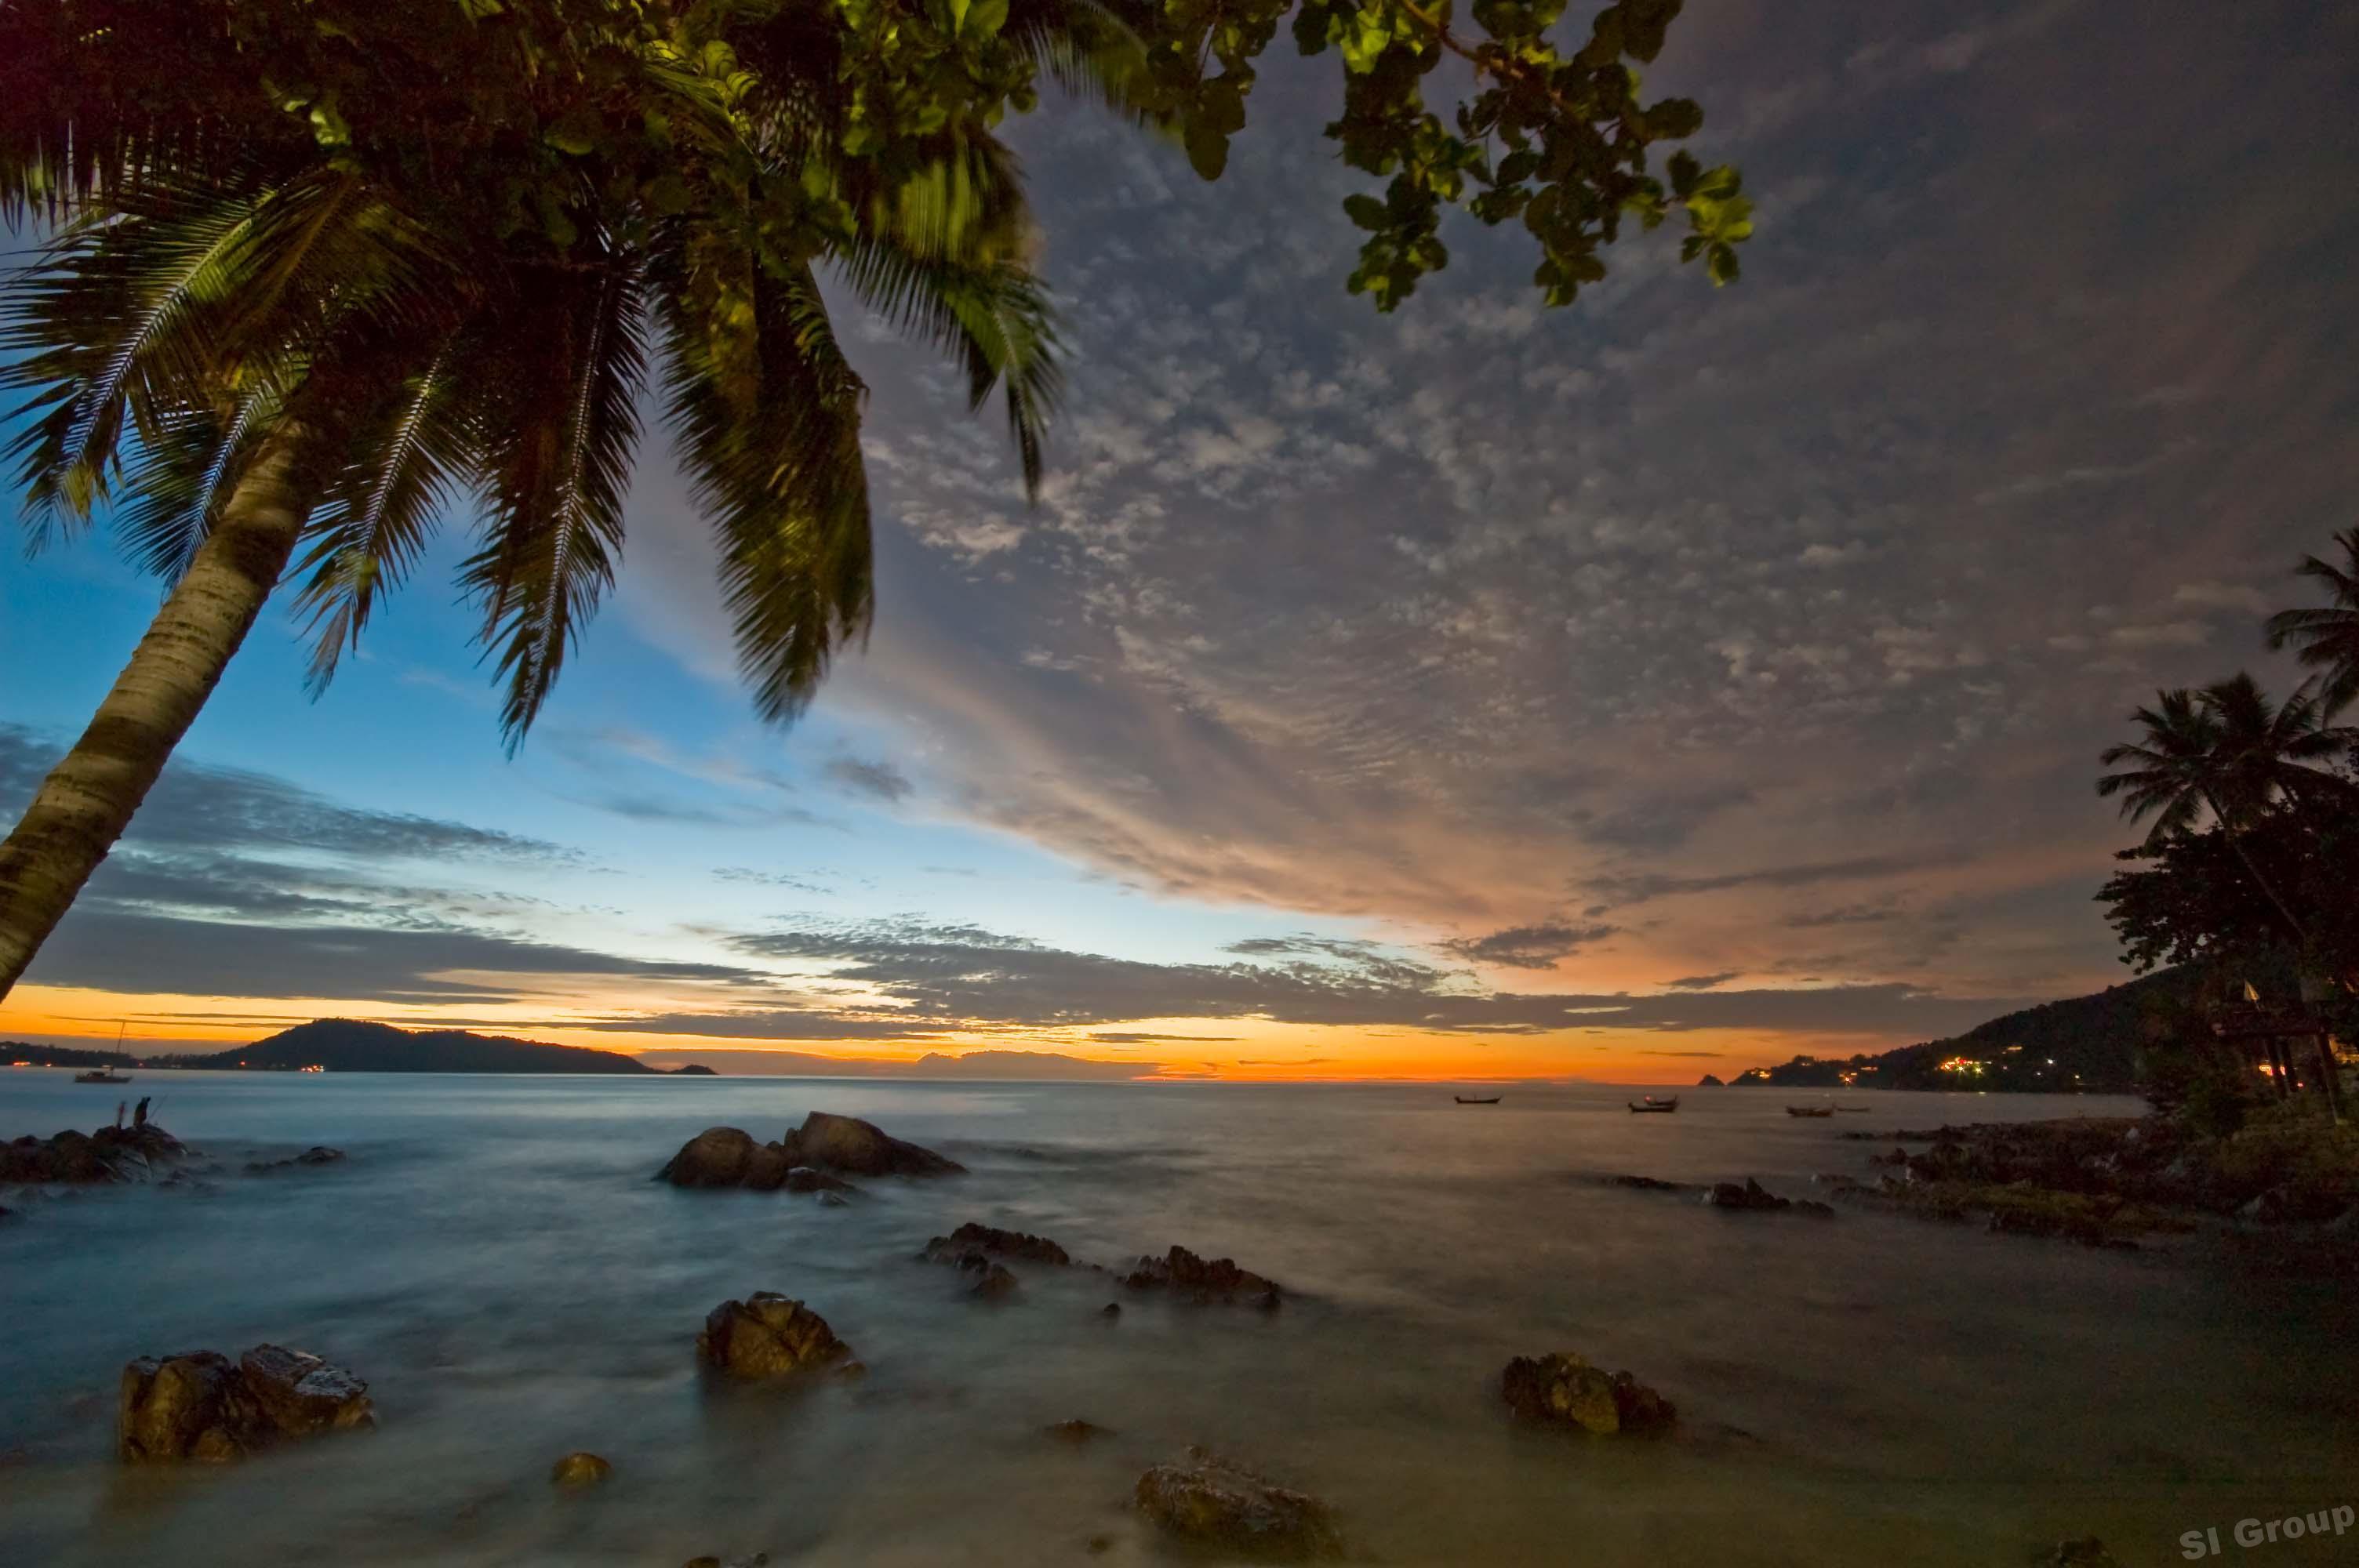 普吉岛 - 芭东海滩 - 泰国